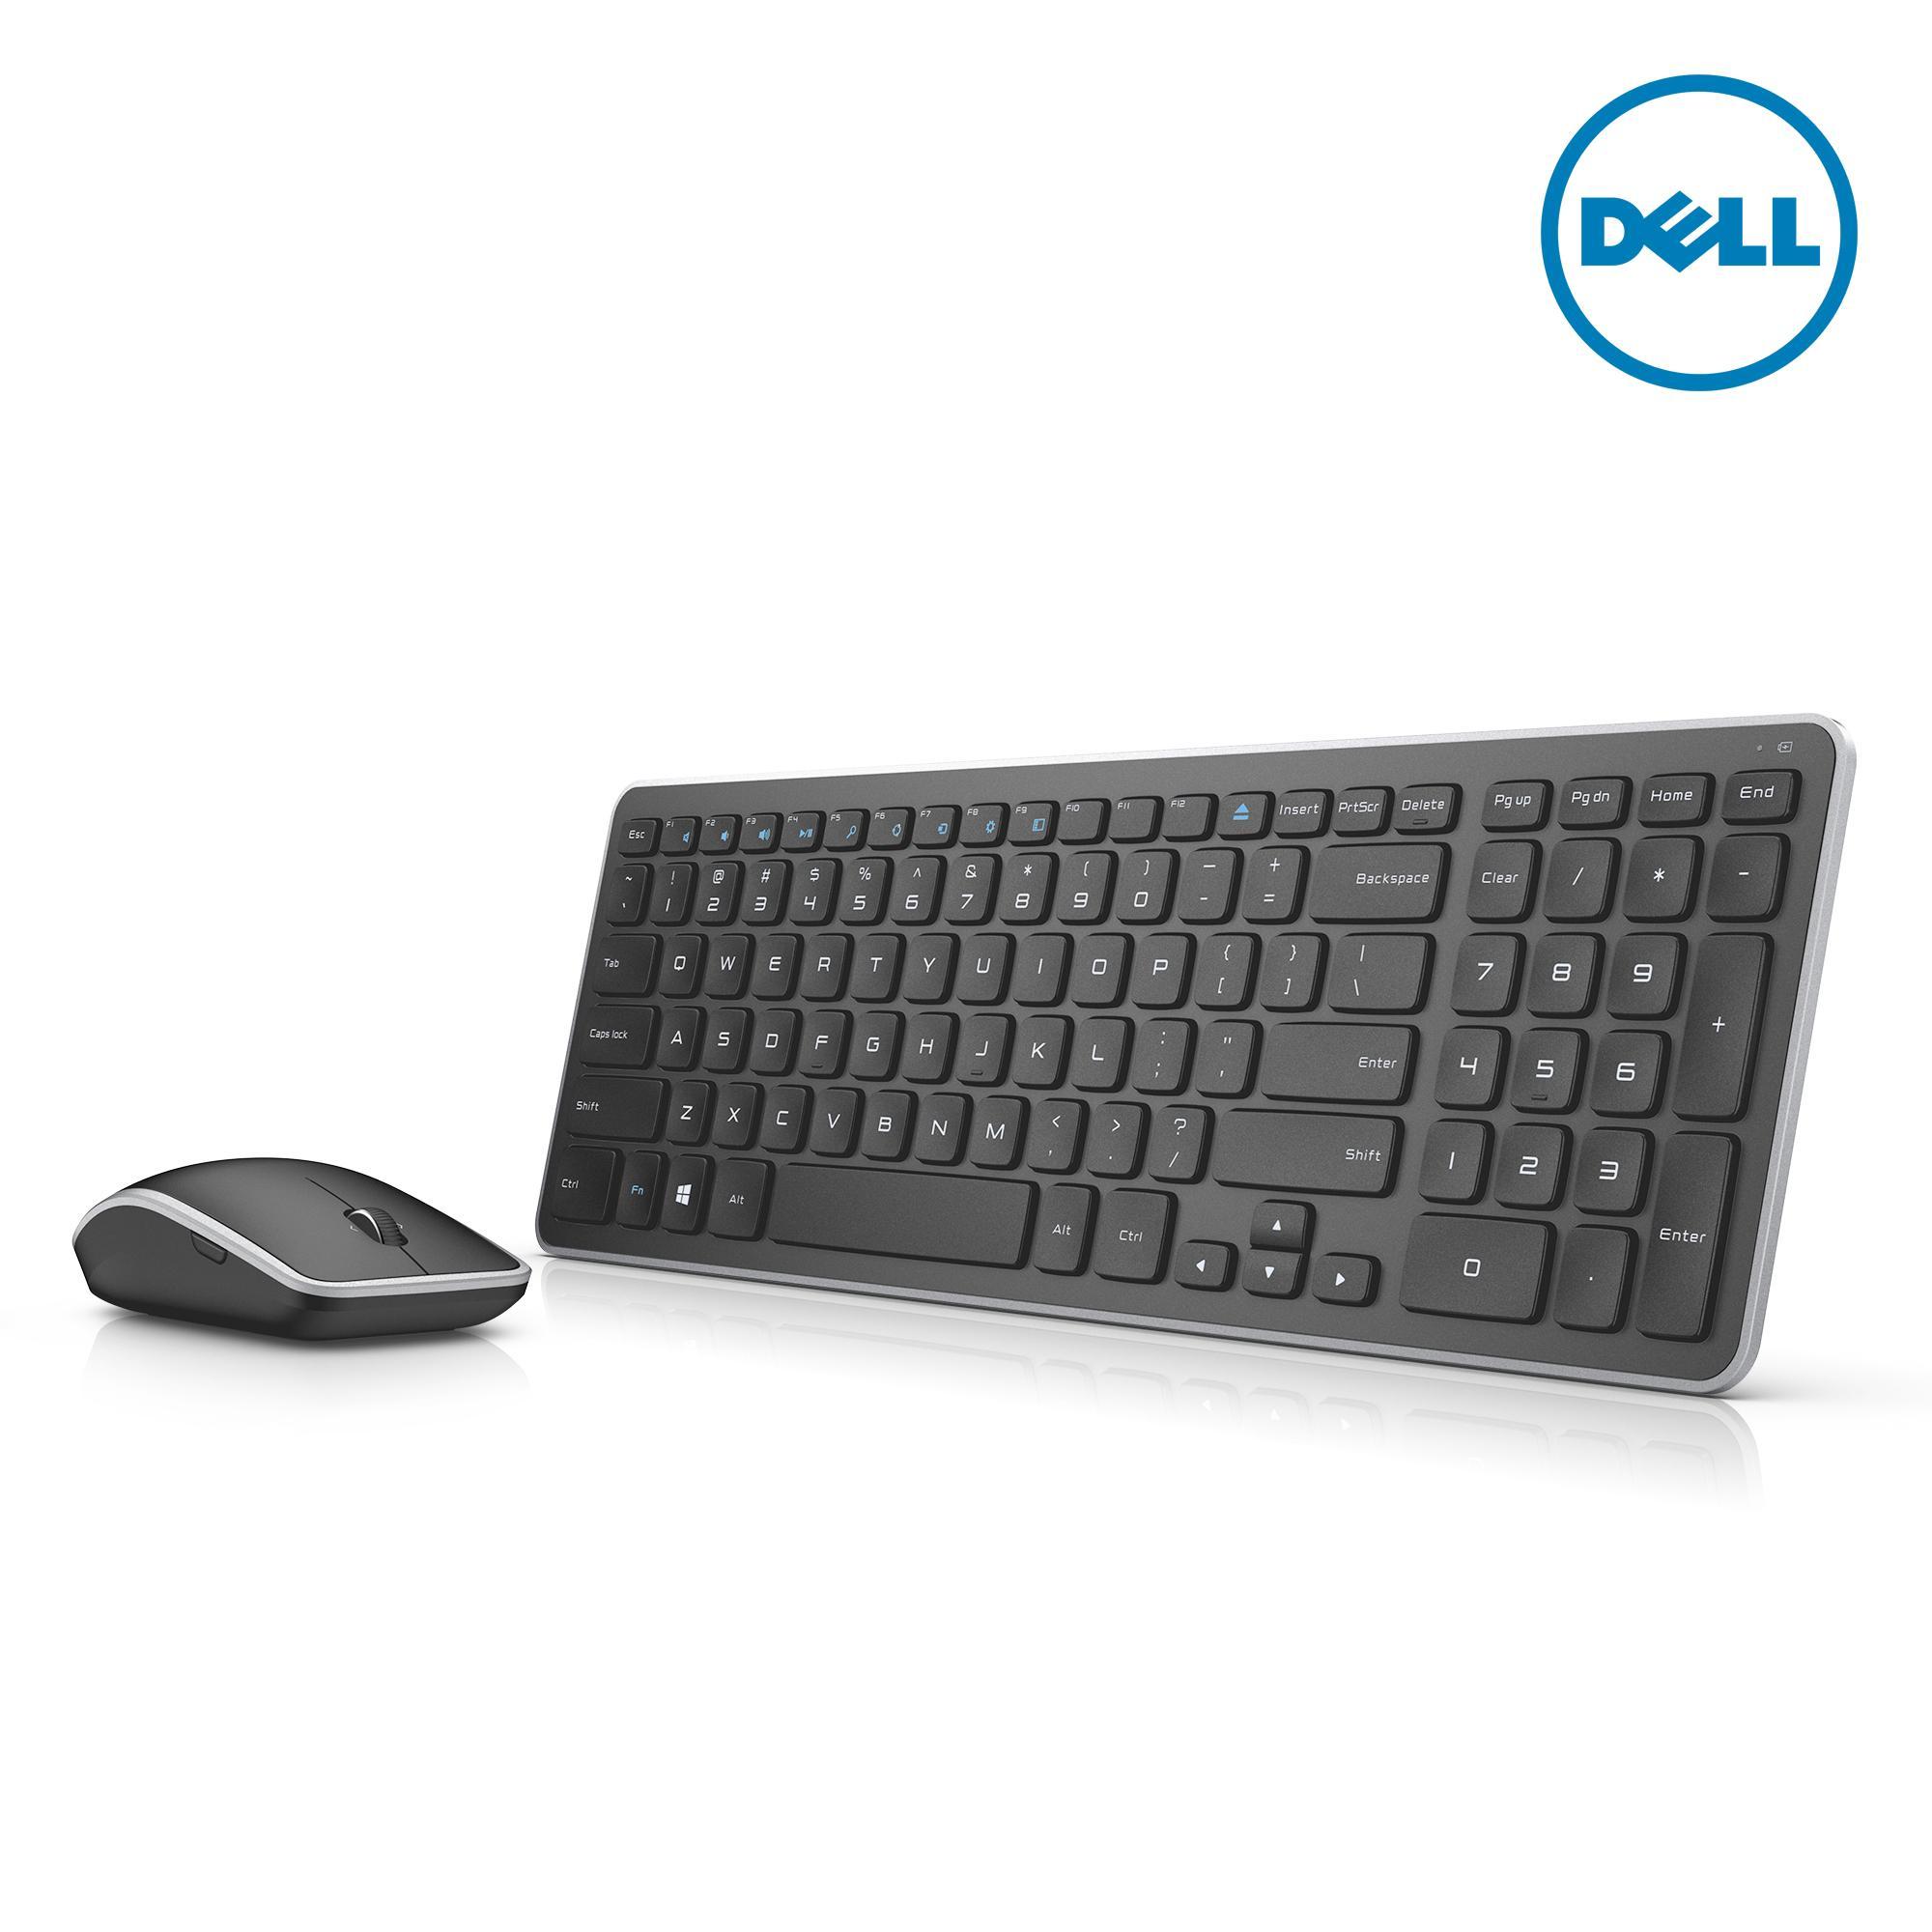 Bộ bàn phím mouse không dây DELL Wireless Keyboard and Mouse - KM714